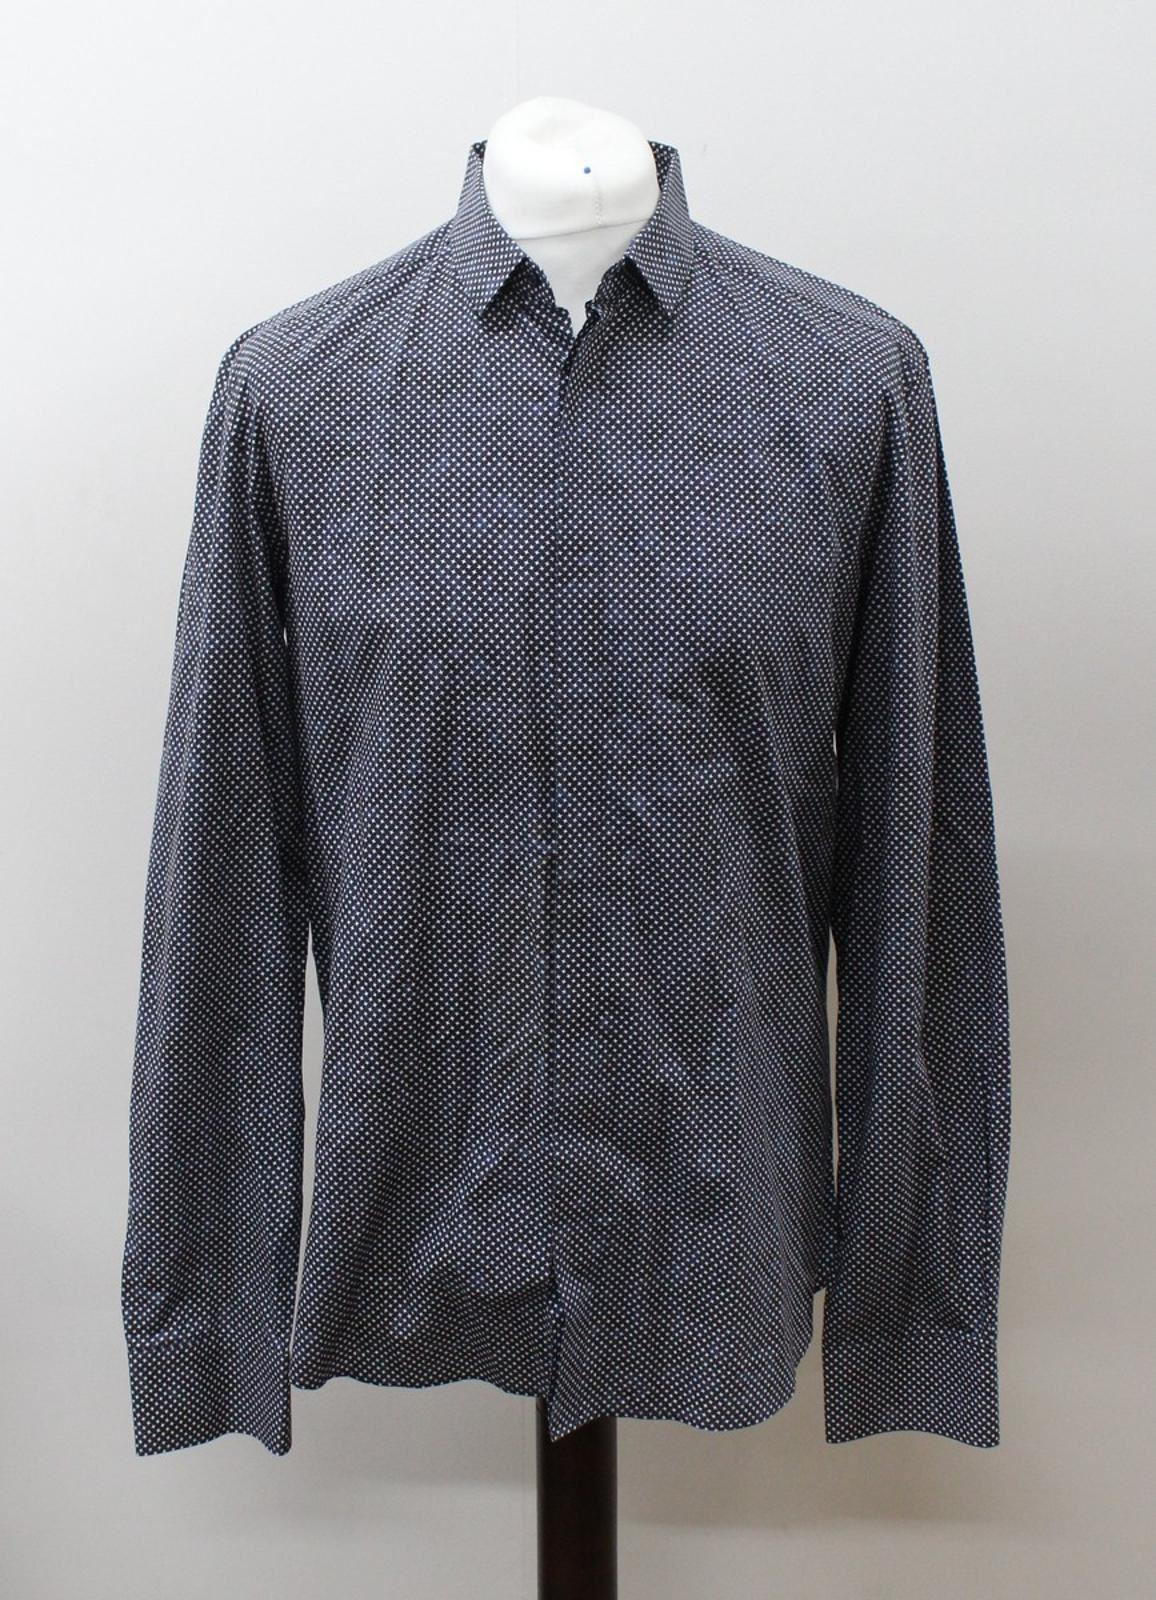 Neil-Barrett-Hombre-Azul-Negro-Algodon-Estampado-de-Estrellas-Formal-Camisa-Cuello-16-5-034-42cm